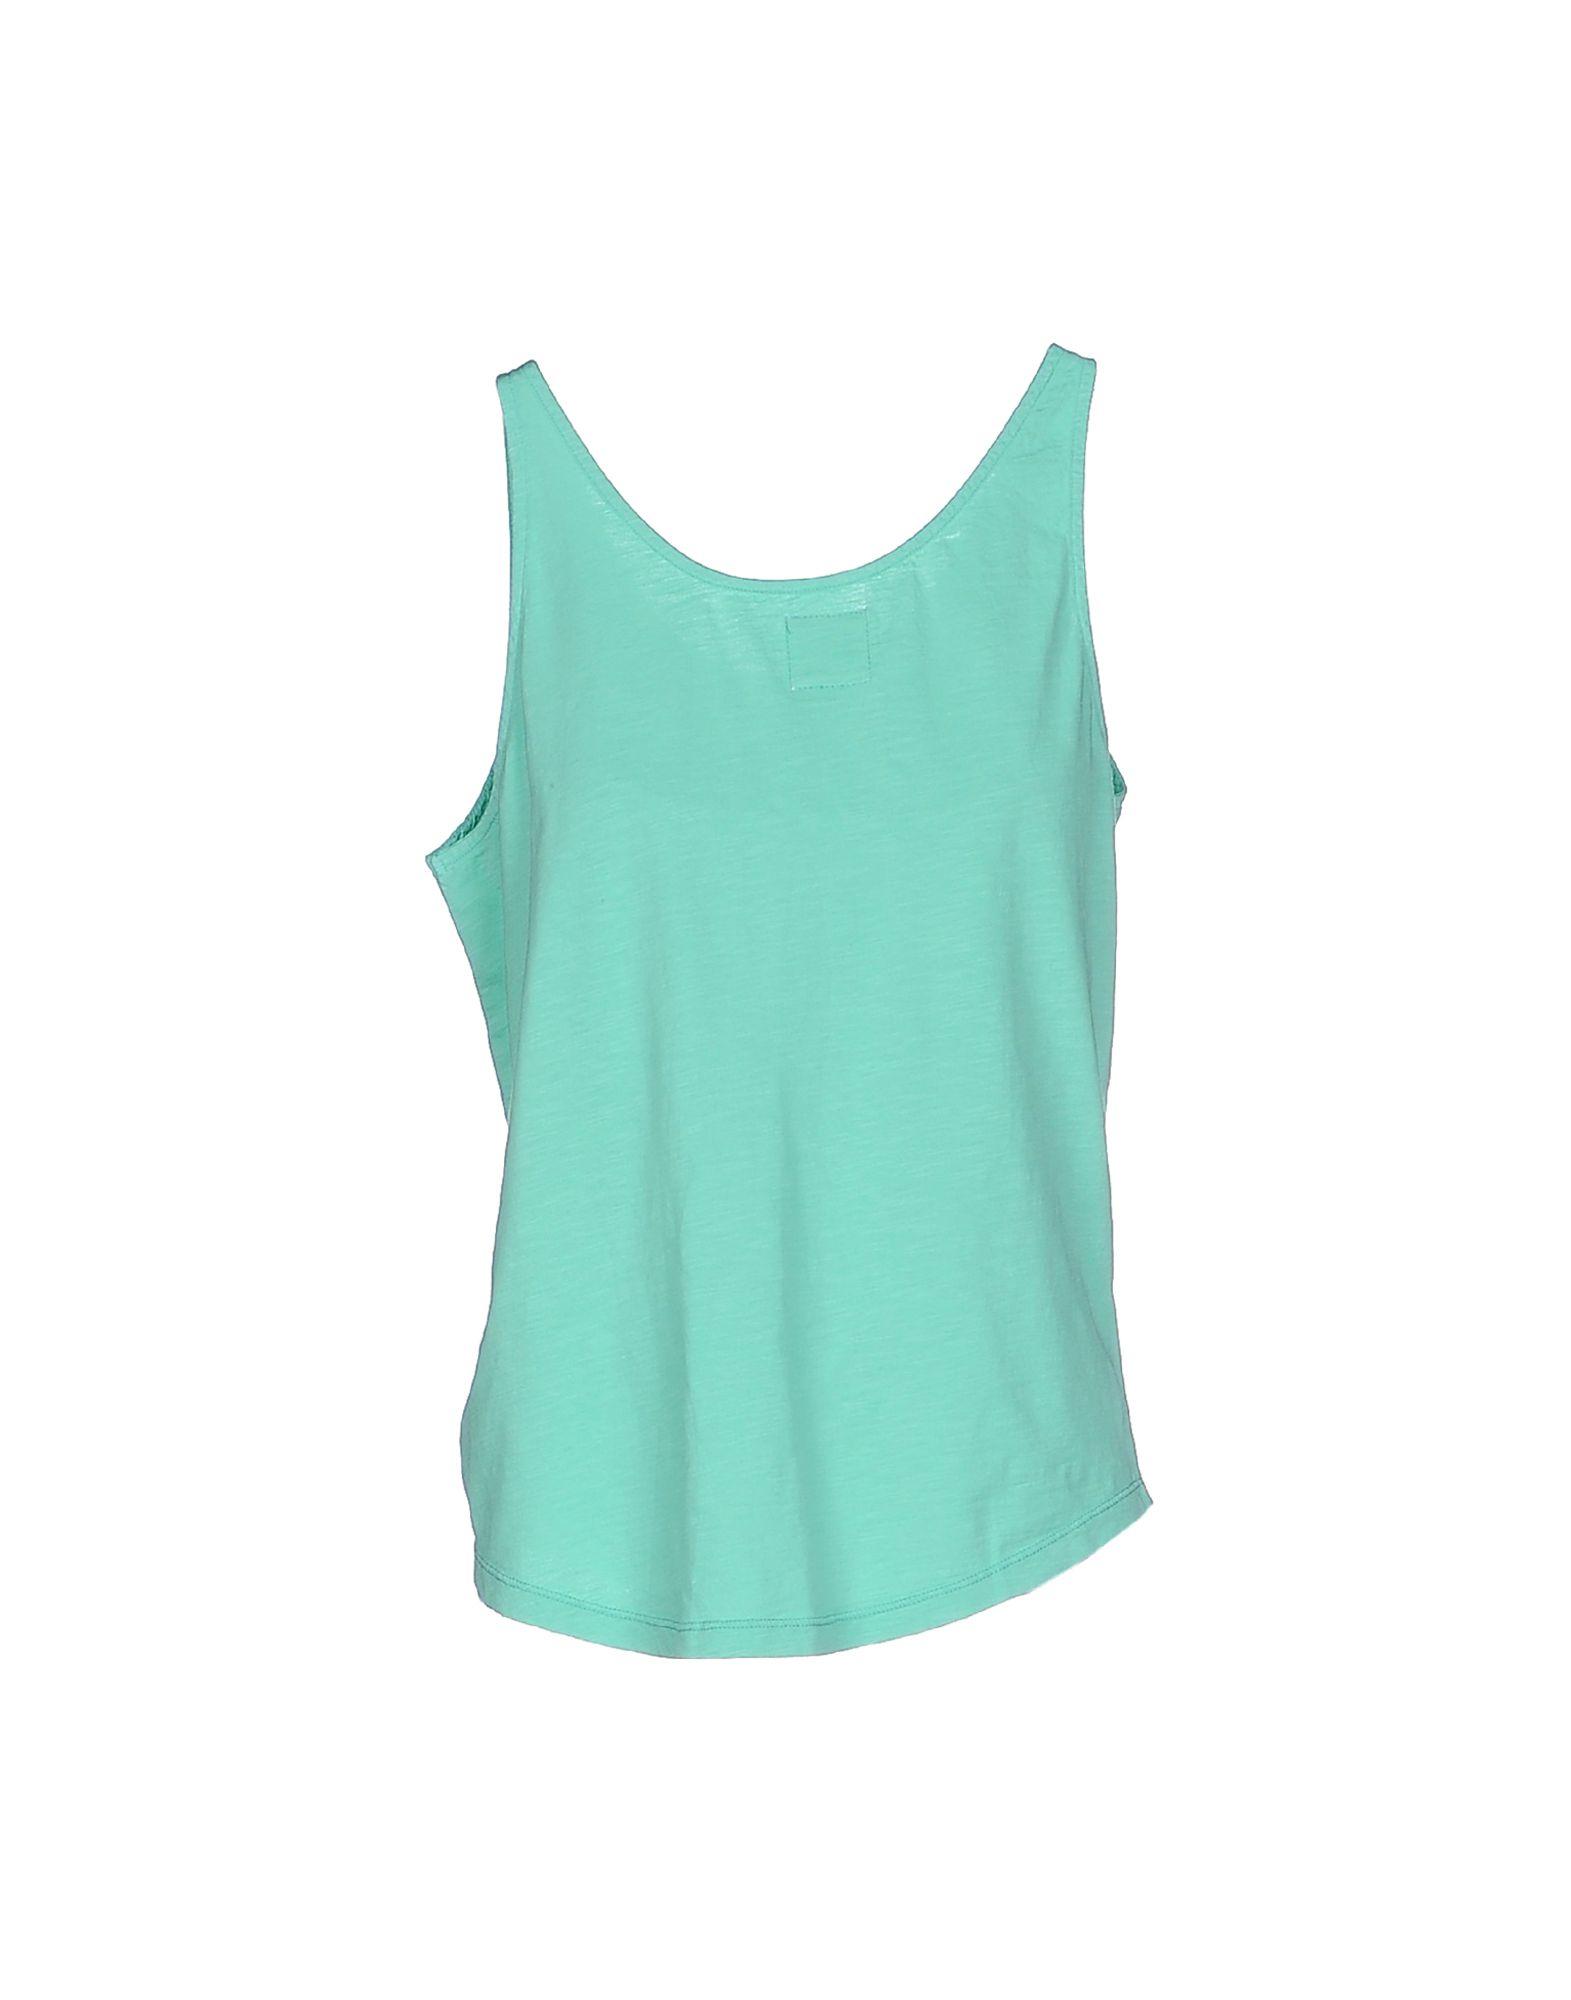 Selected Light - Sleeveless Shirt Où Acheter Des Biens Pas Cher WLzOW